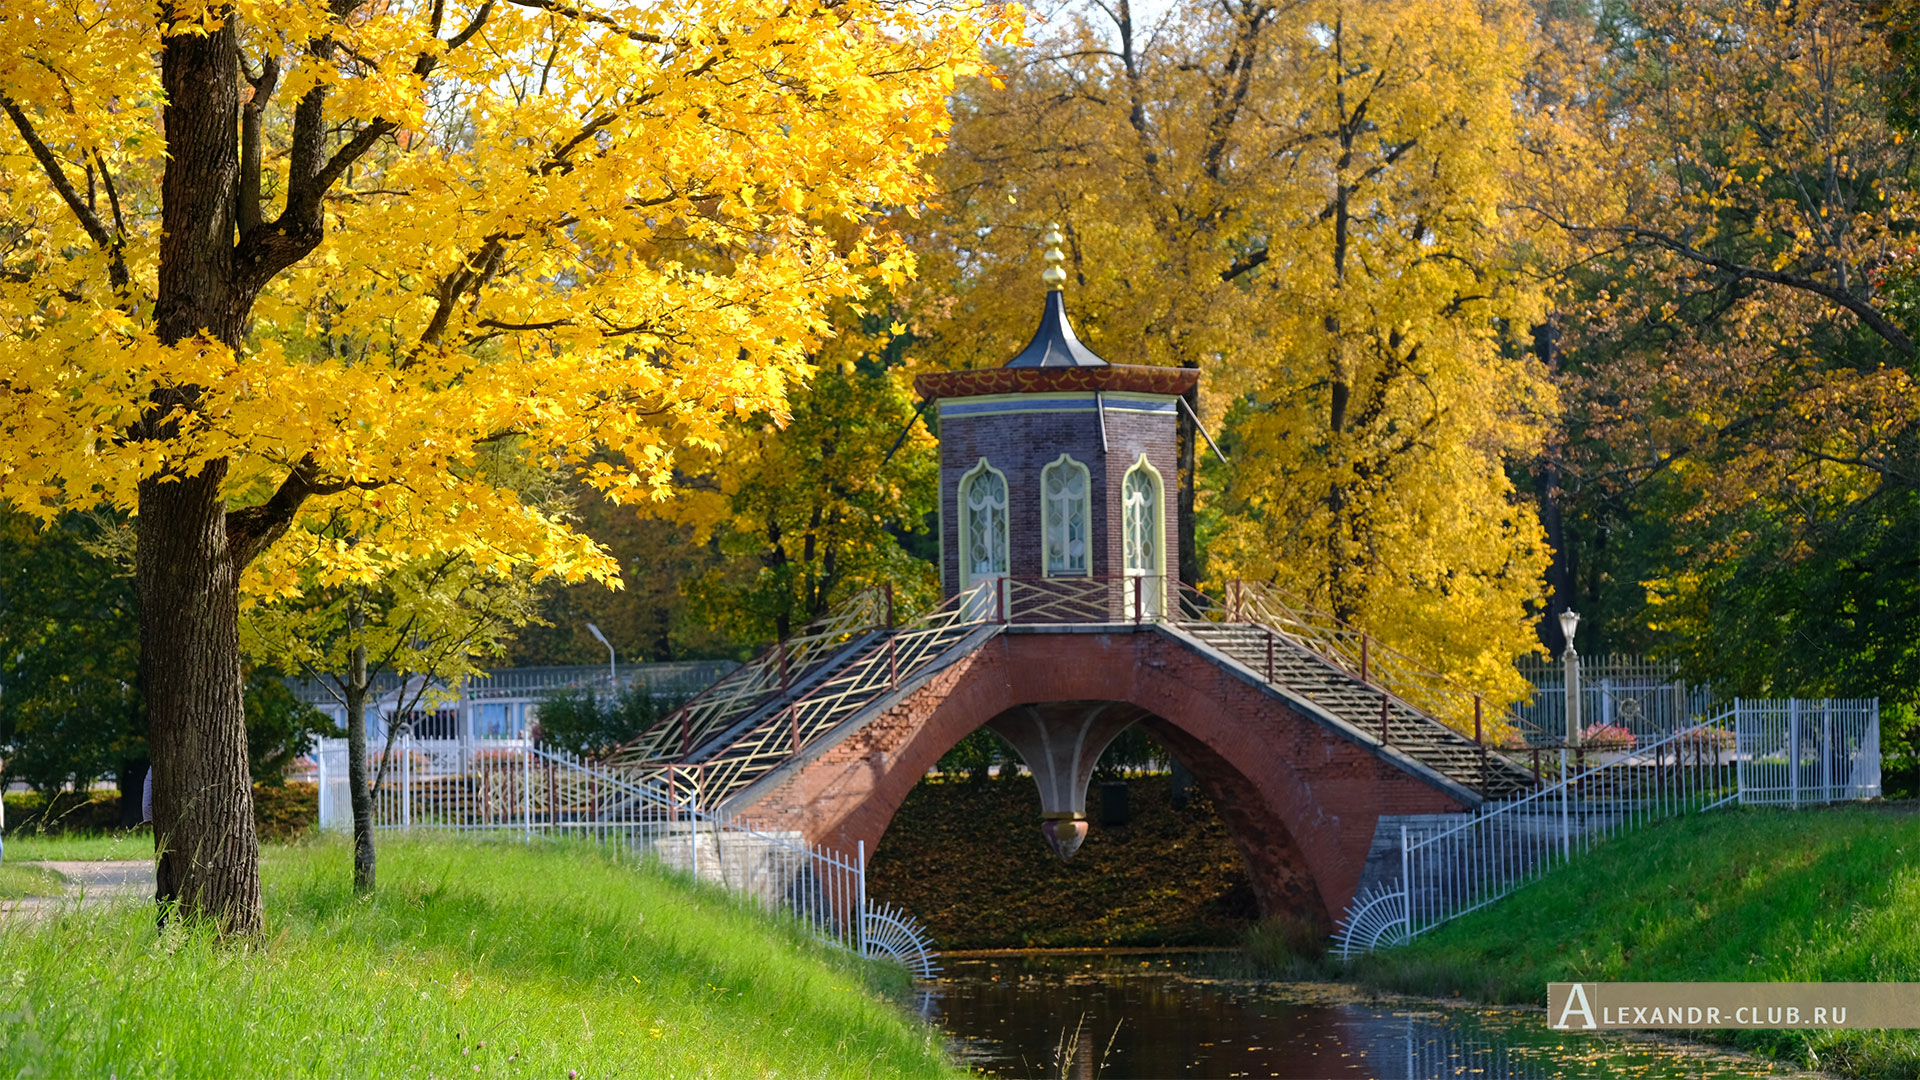 Пушкин, Царское Село, осень, Александровский парк, Крестовый мост